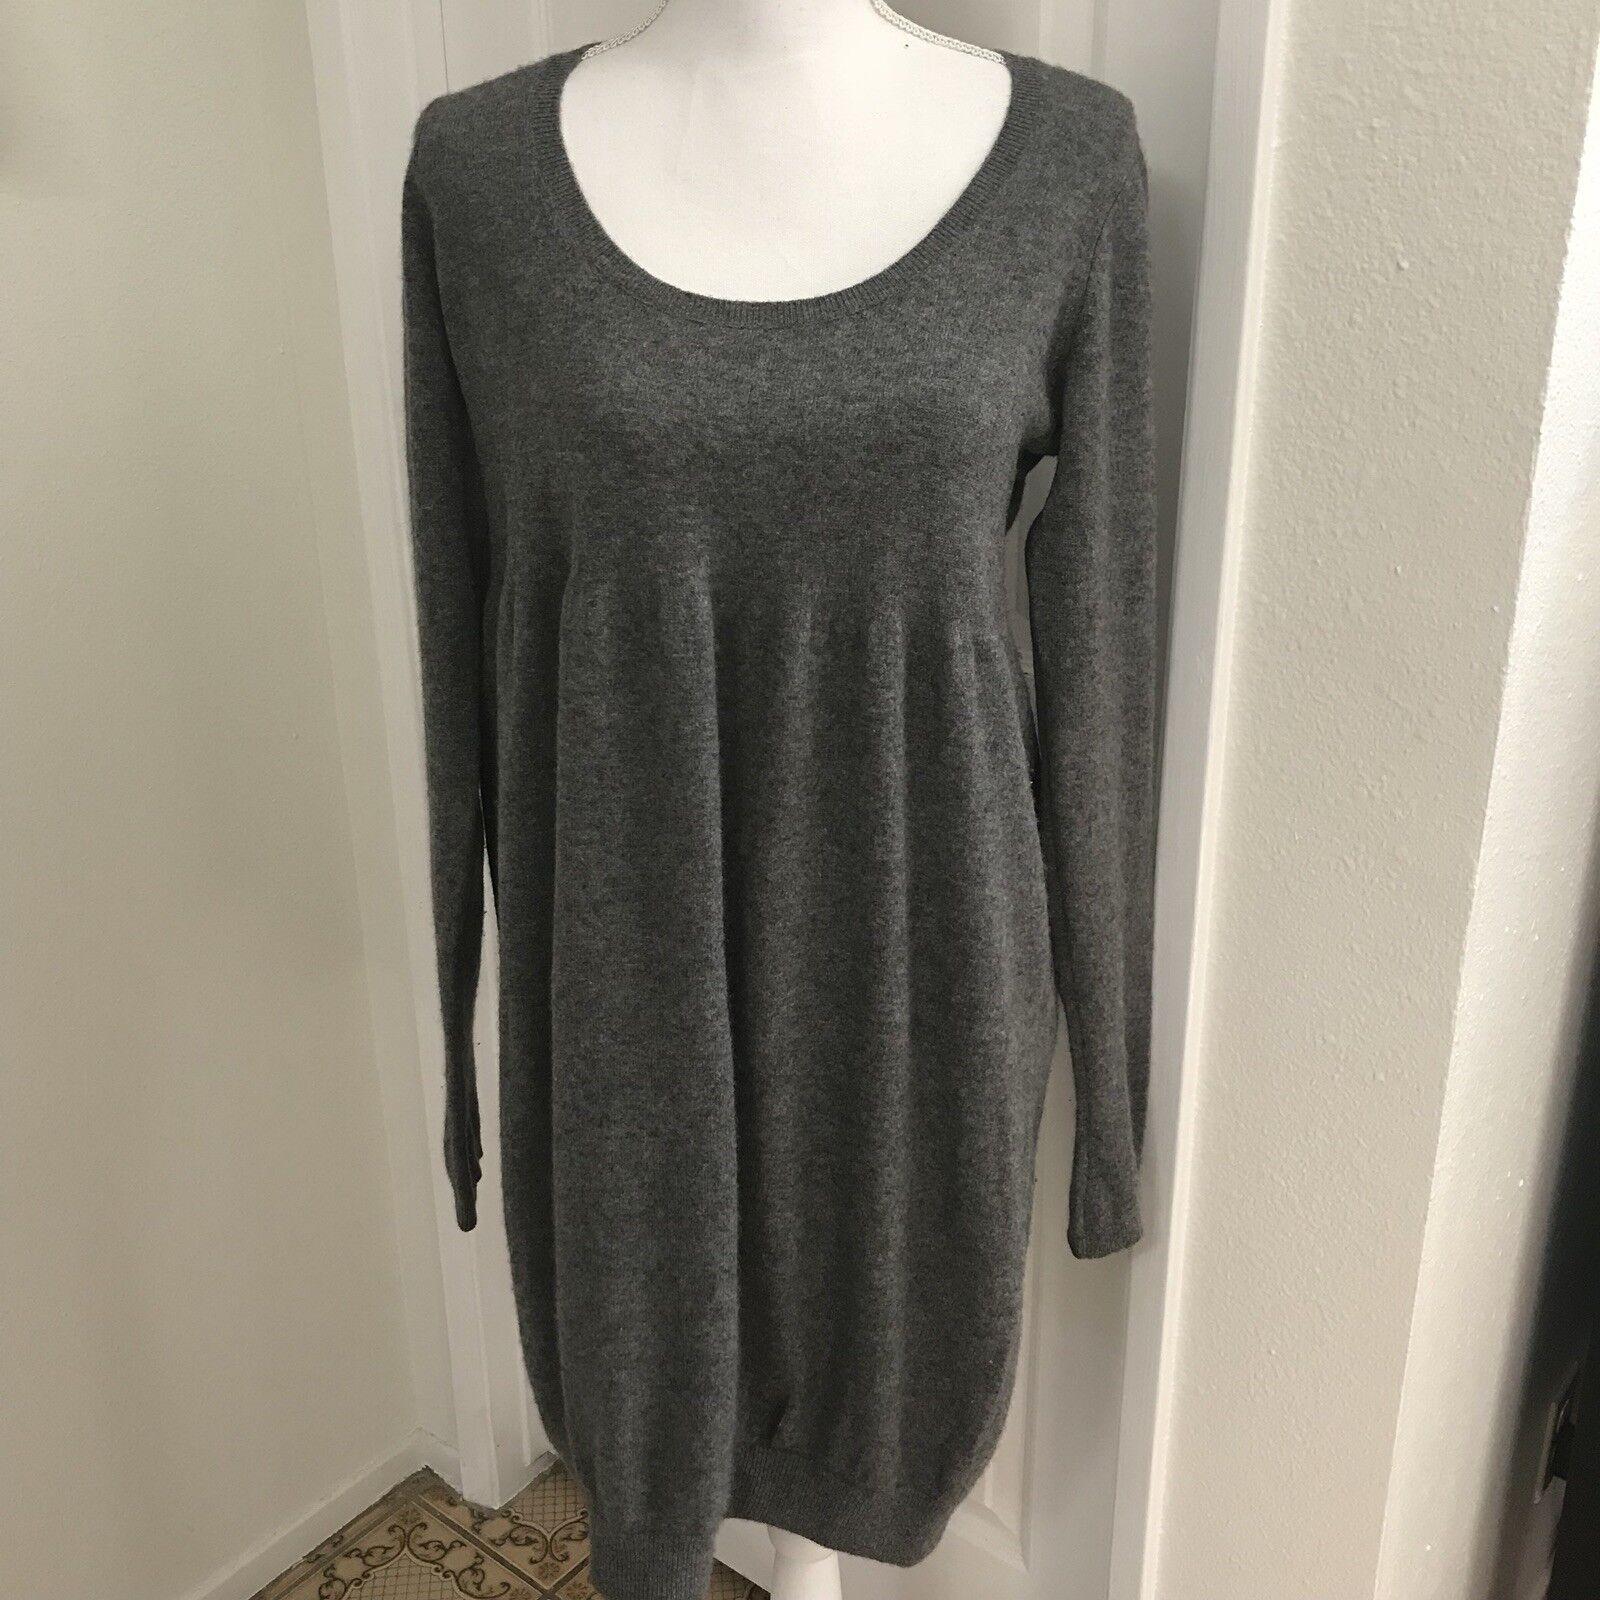 Vince Cashmere Cashmere Cashmere Sweater Dress Sz Lg a67757